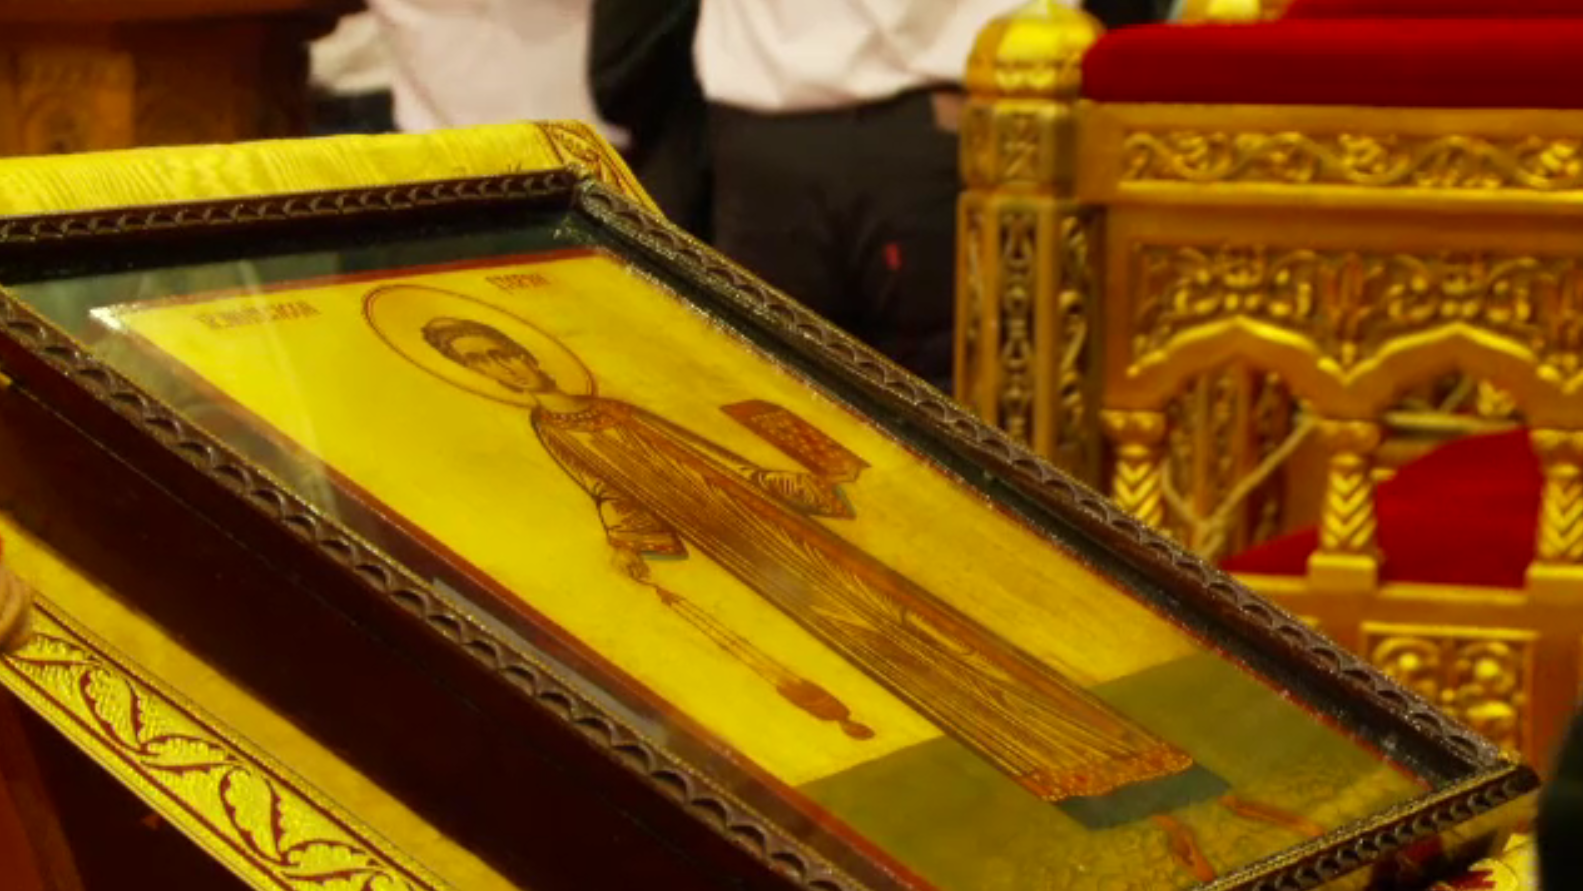 Tradiții și obiceiuri de Sfântul Ștefan. Ce este bine să faci în această zi